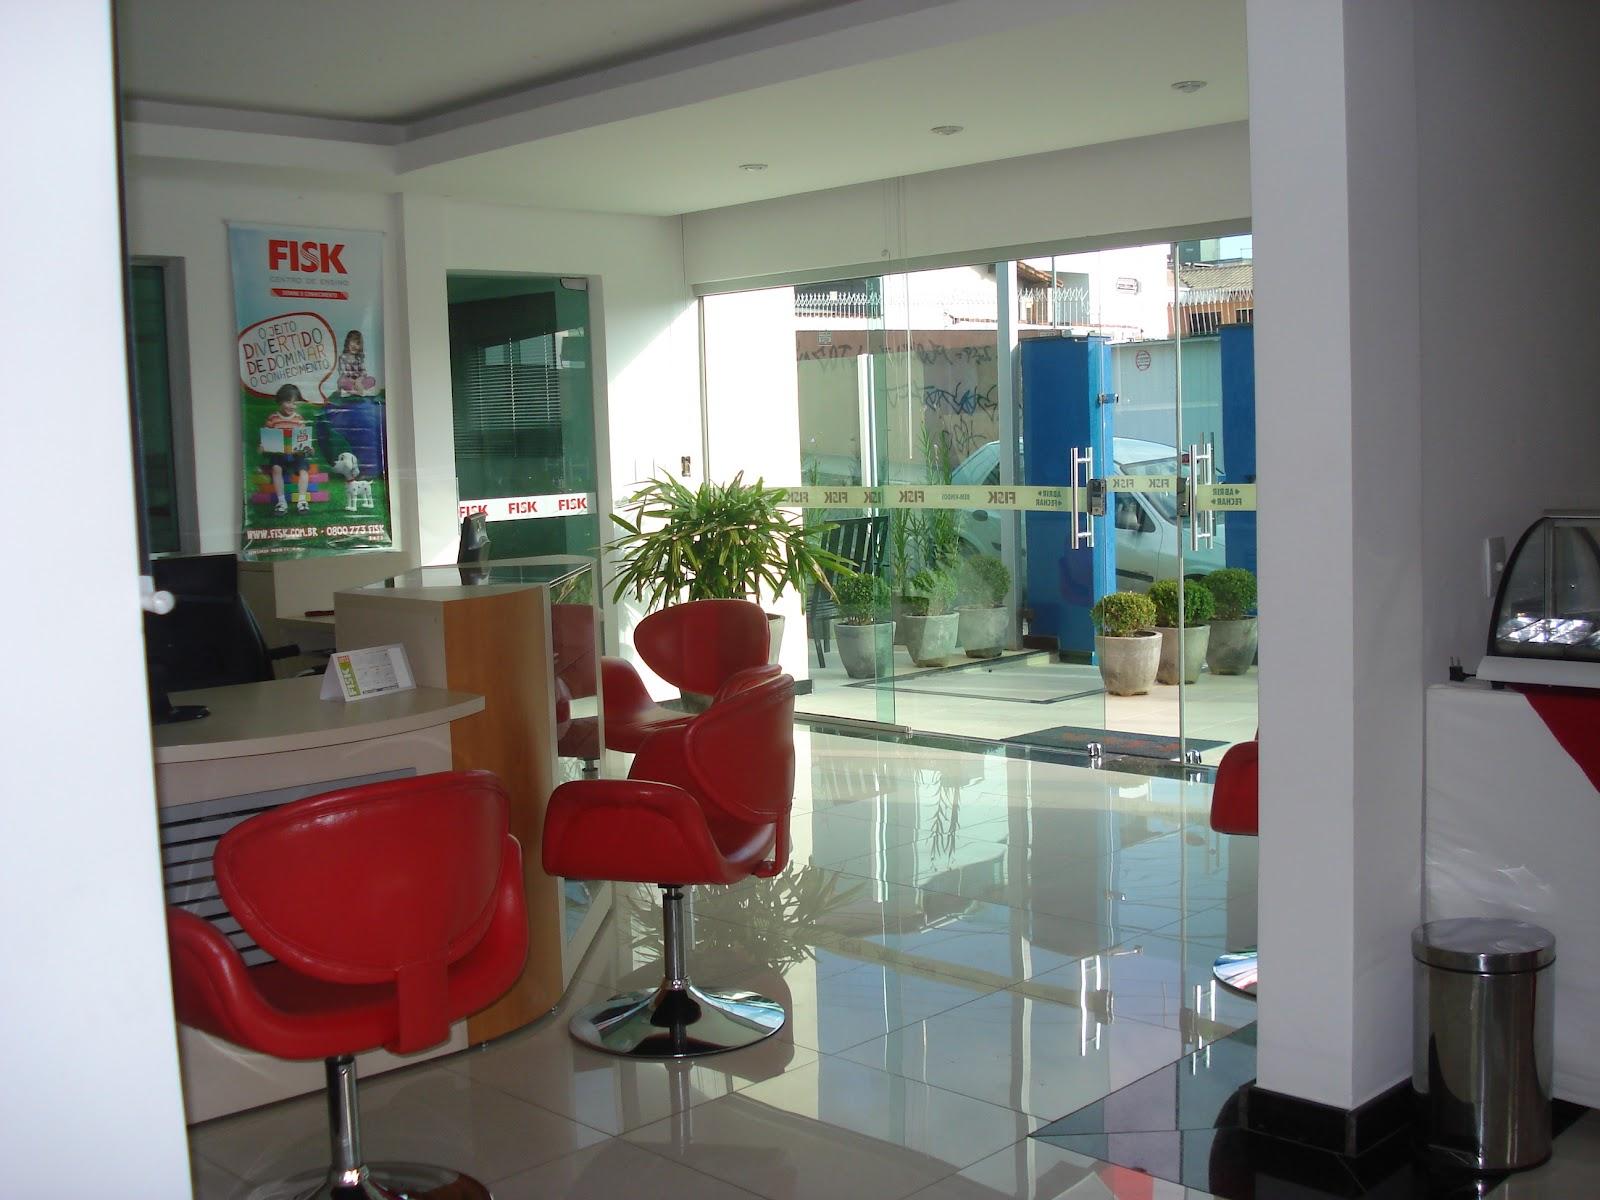 decoracao banheiro feng shui:Feng Shui e Decoração: Escola de  #6C2420 1600x1200 Banheiro Com Feng Shui